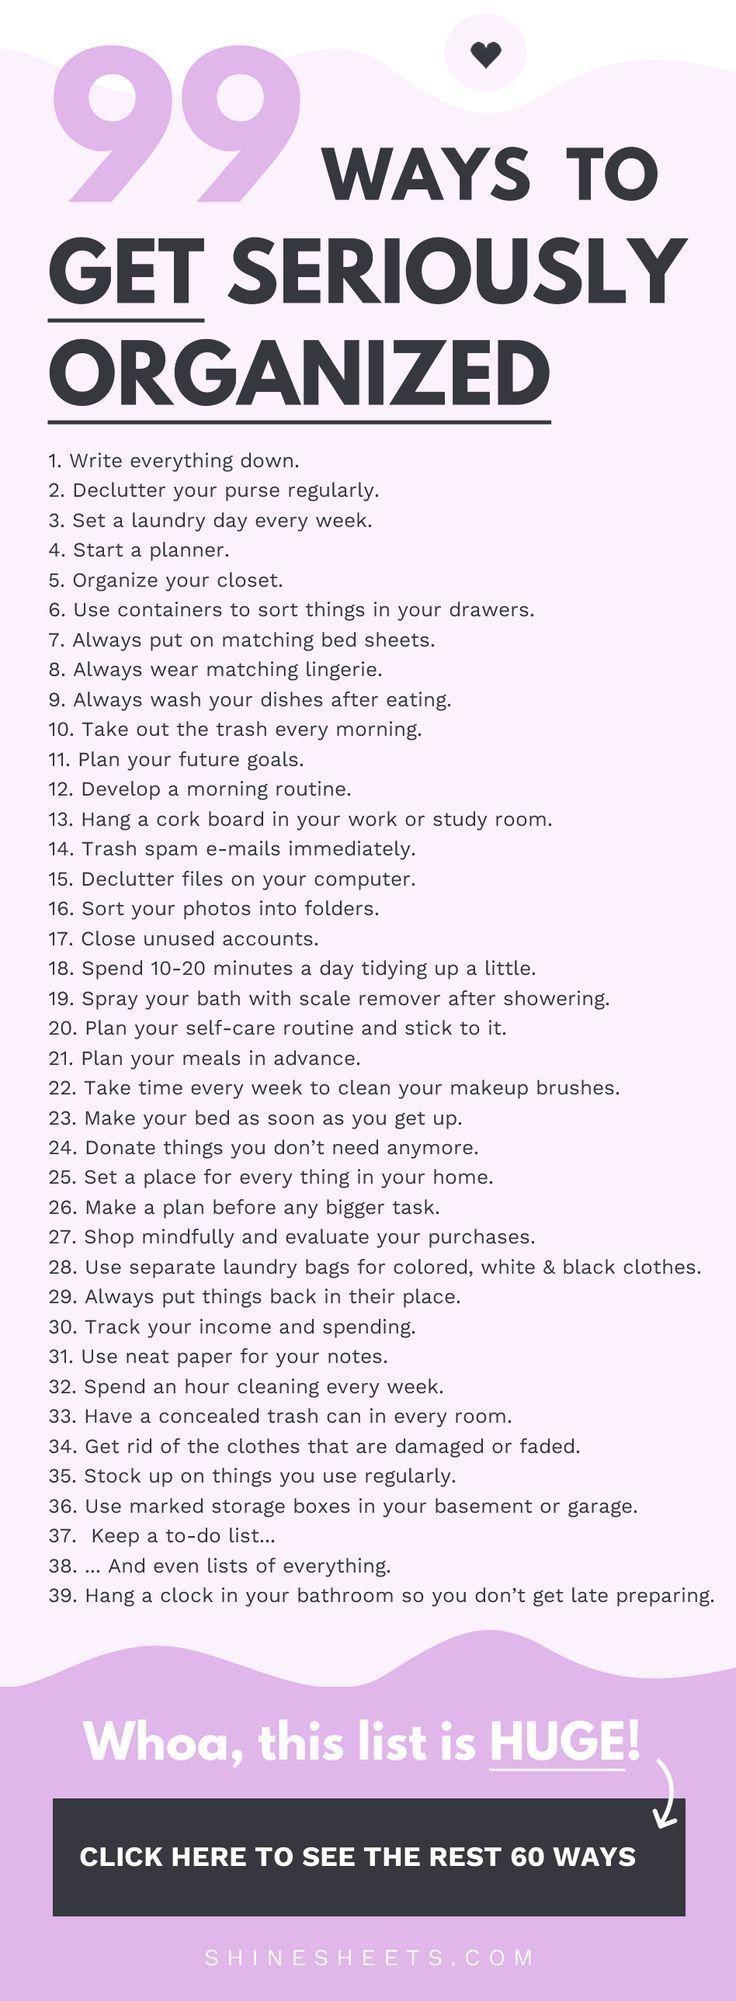 99 Möglichkeiten, sich ernsthaft zu organisieren